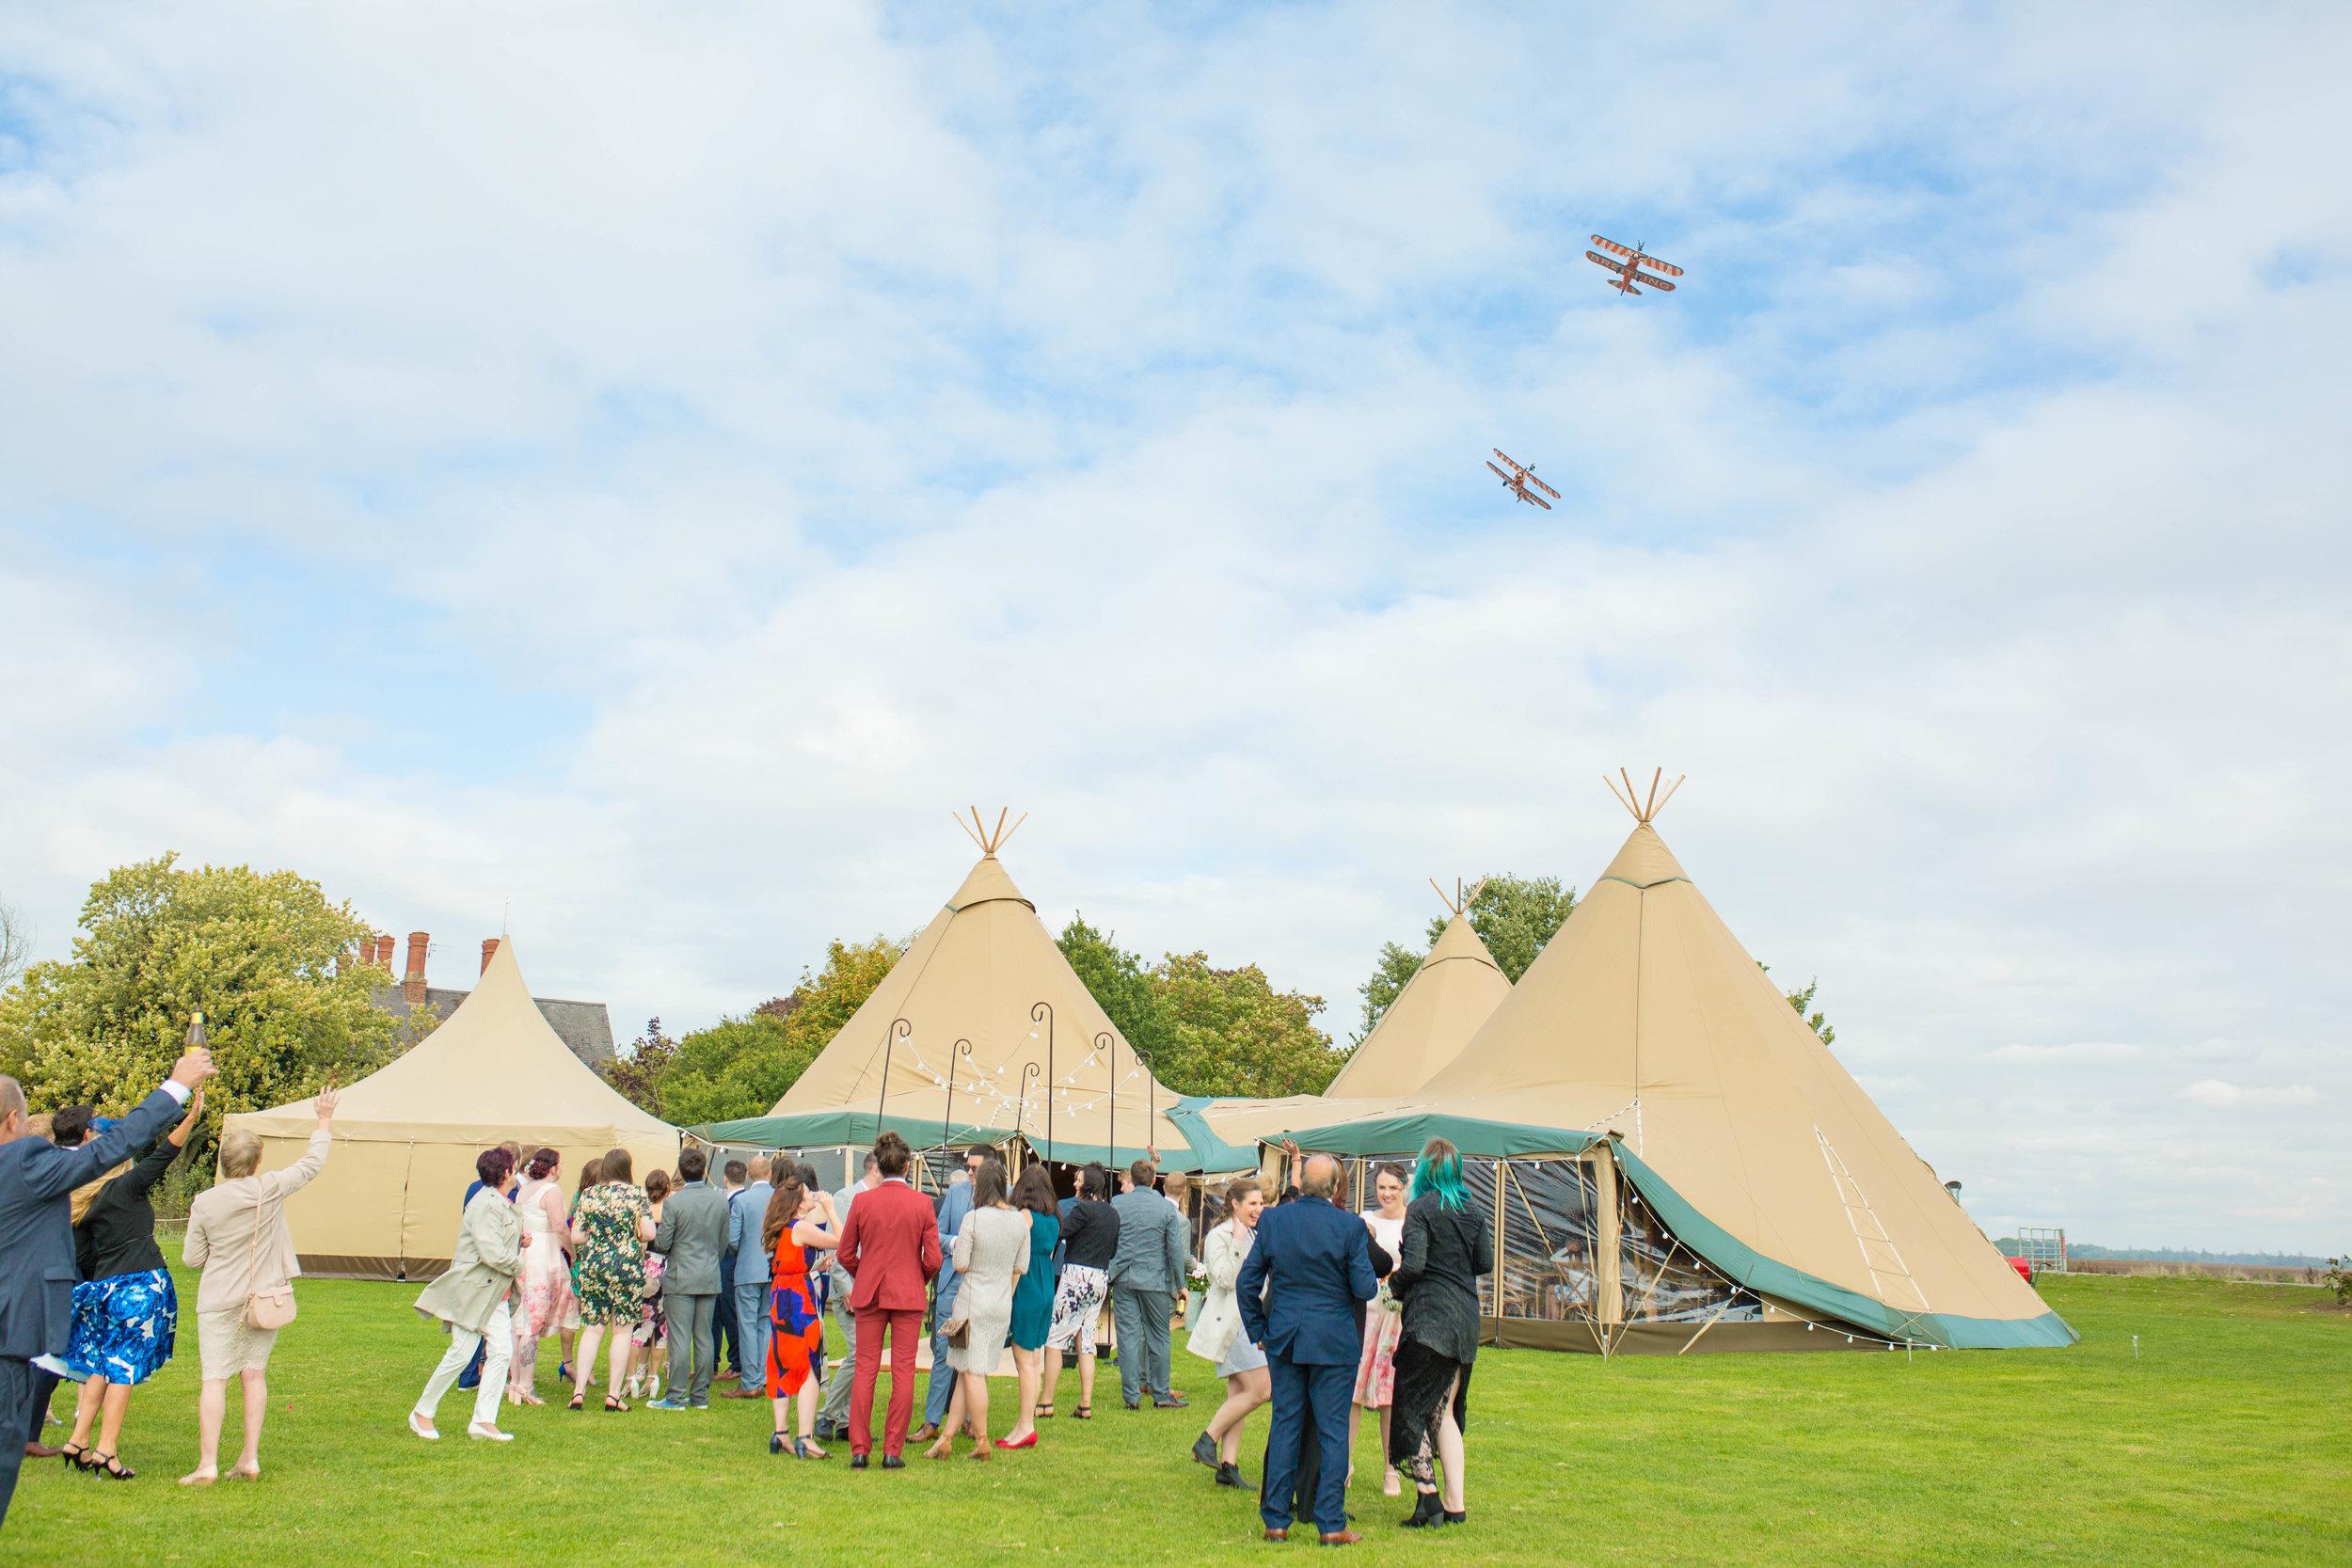 Sywell_Grange_Northampton_Wedding_Nick_Labrum_Photo_Nicola&Ed-348.jpg